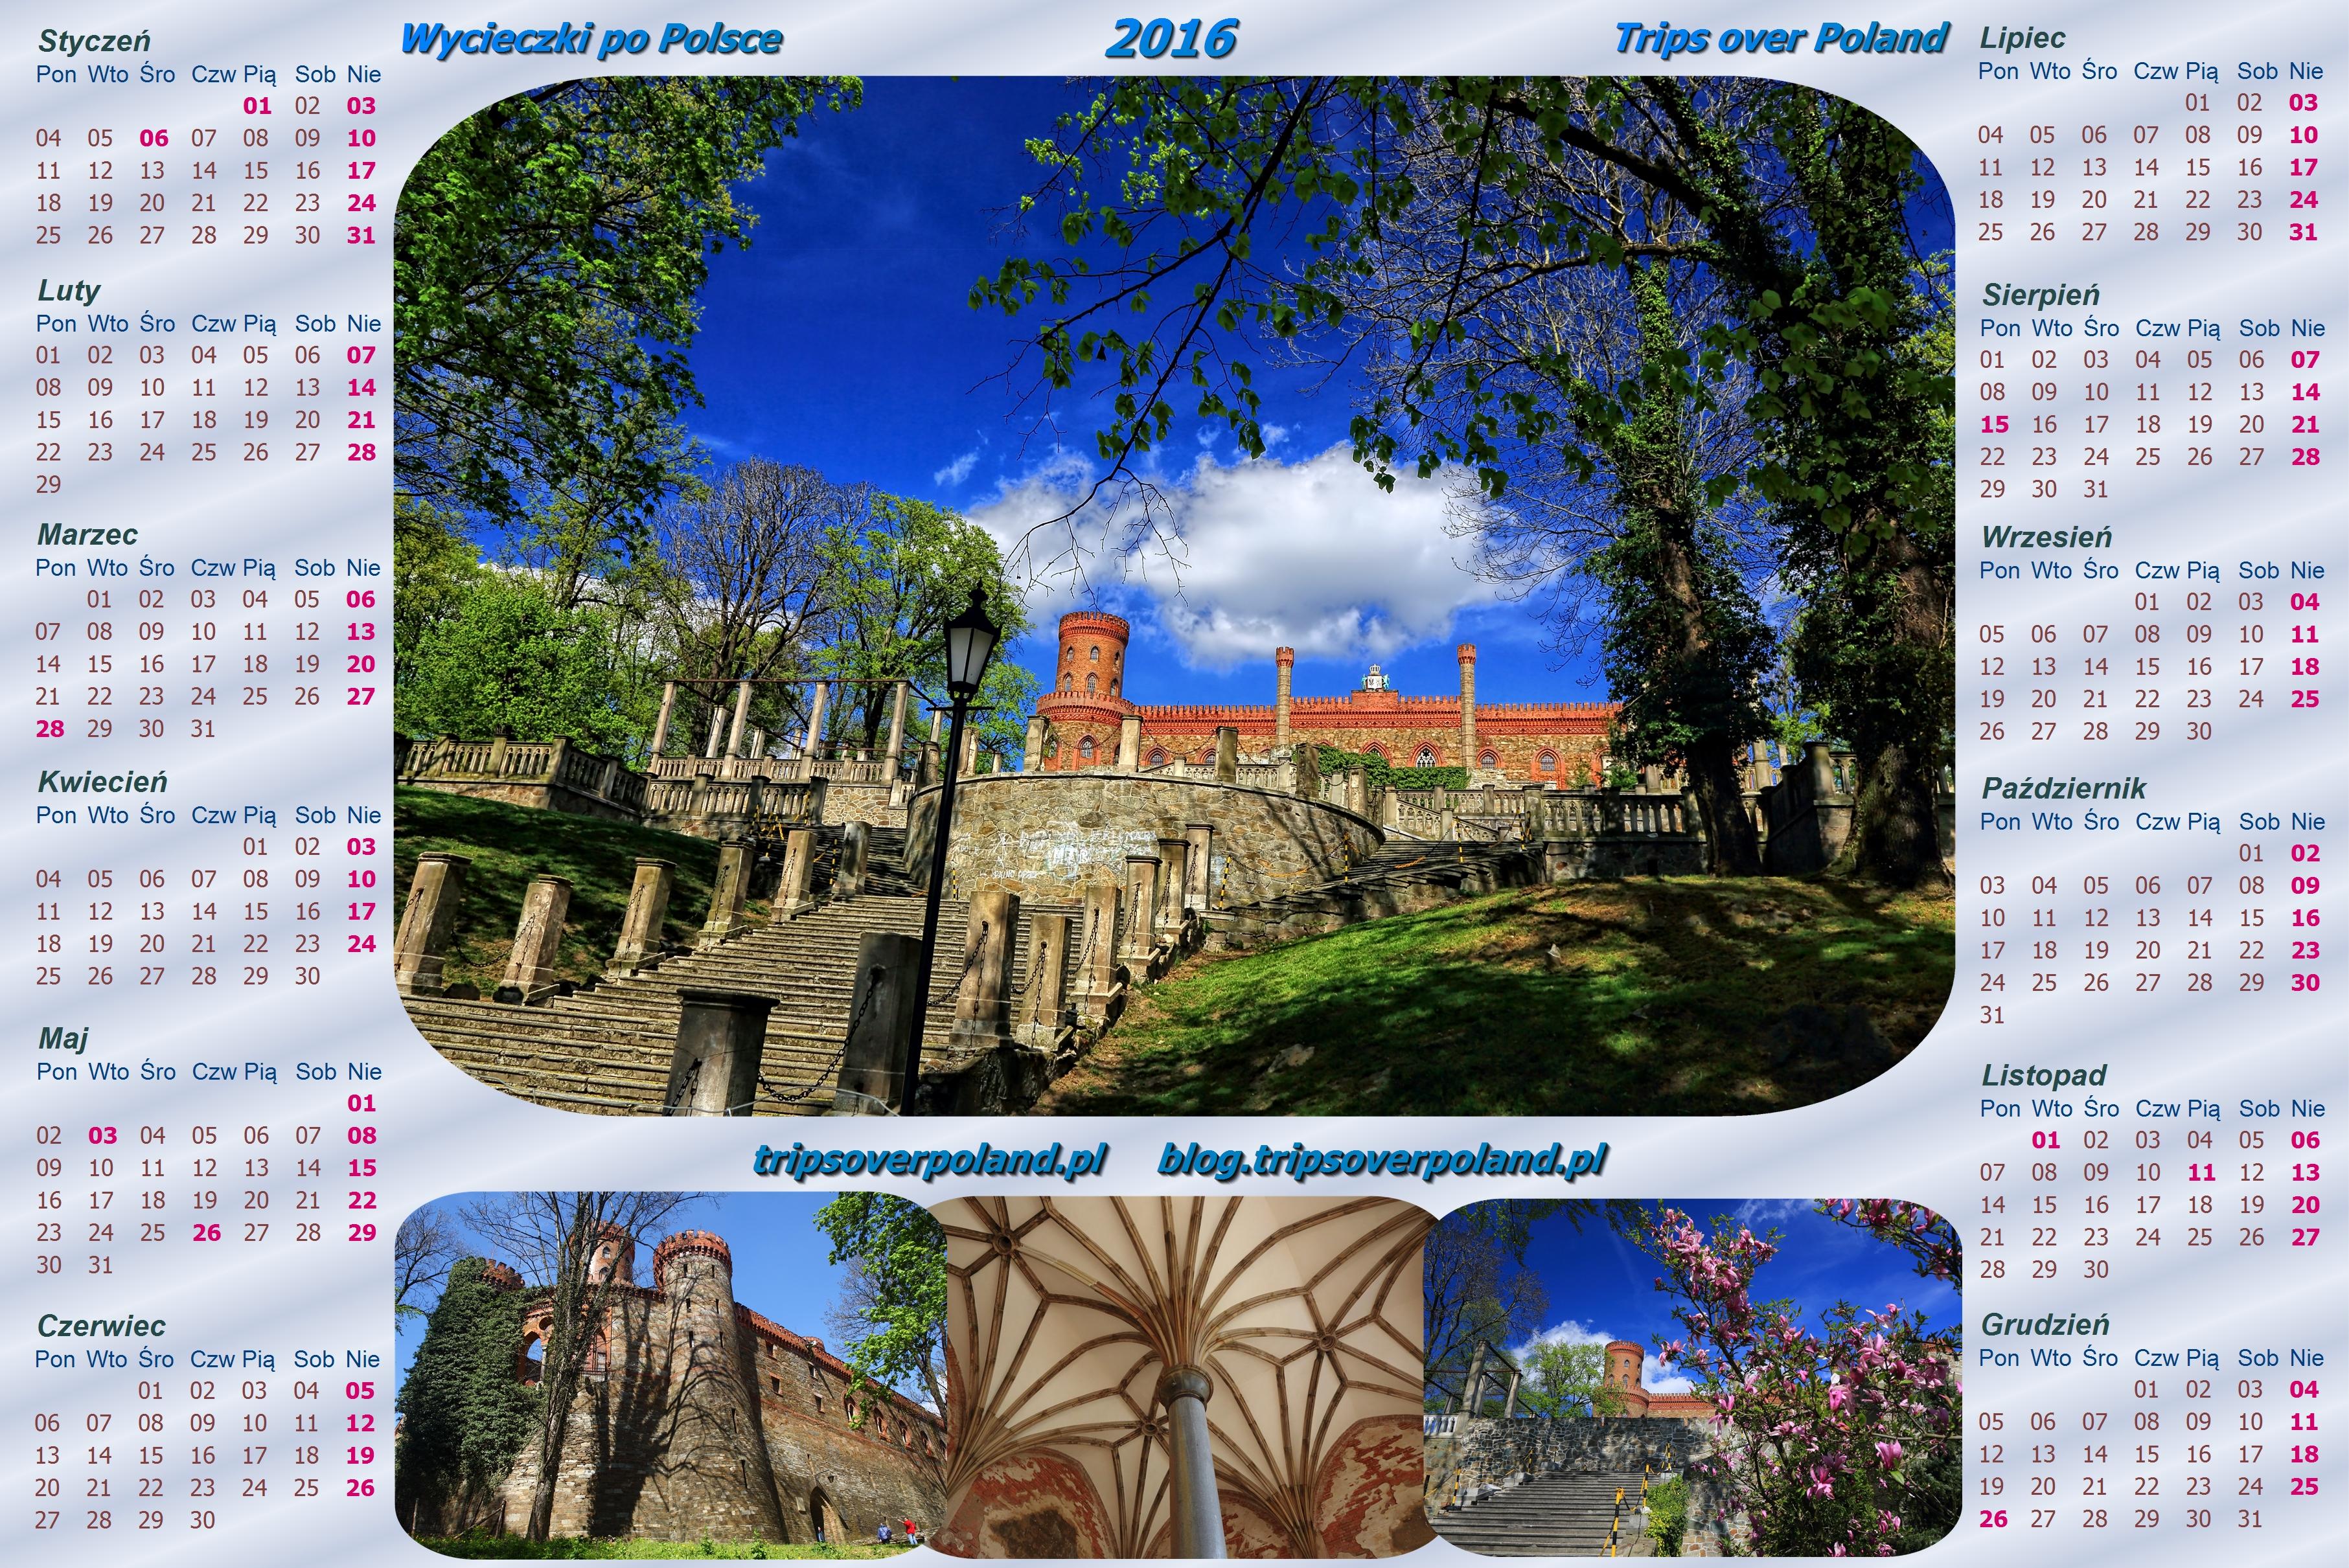 Kalendarz ze zdjęciami z Kamieńca Ząbkowickiego